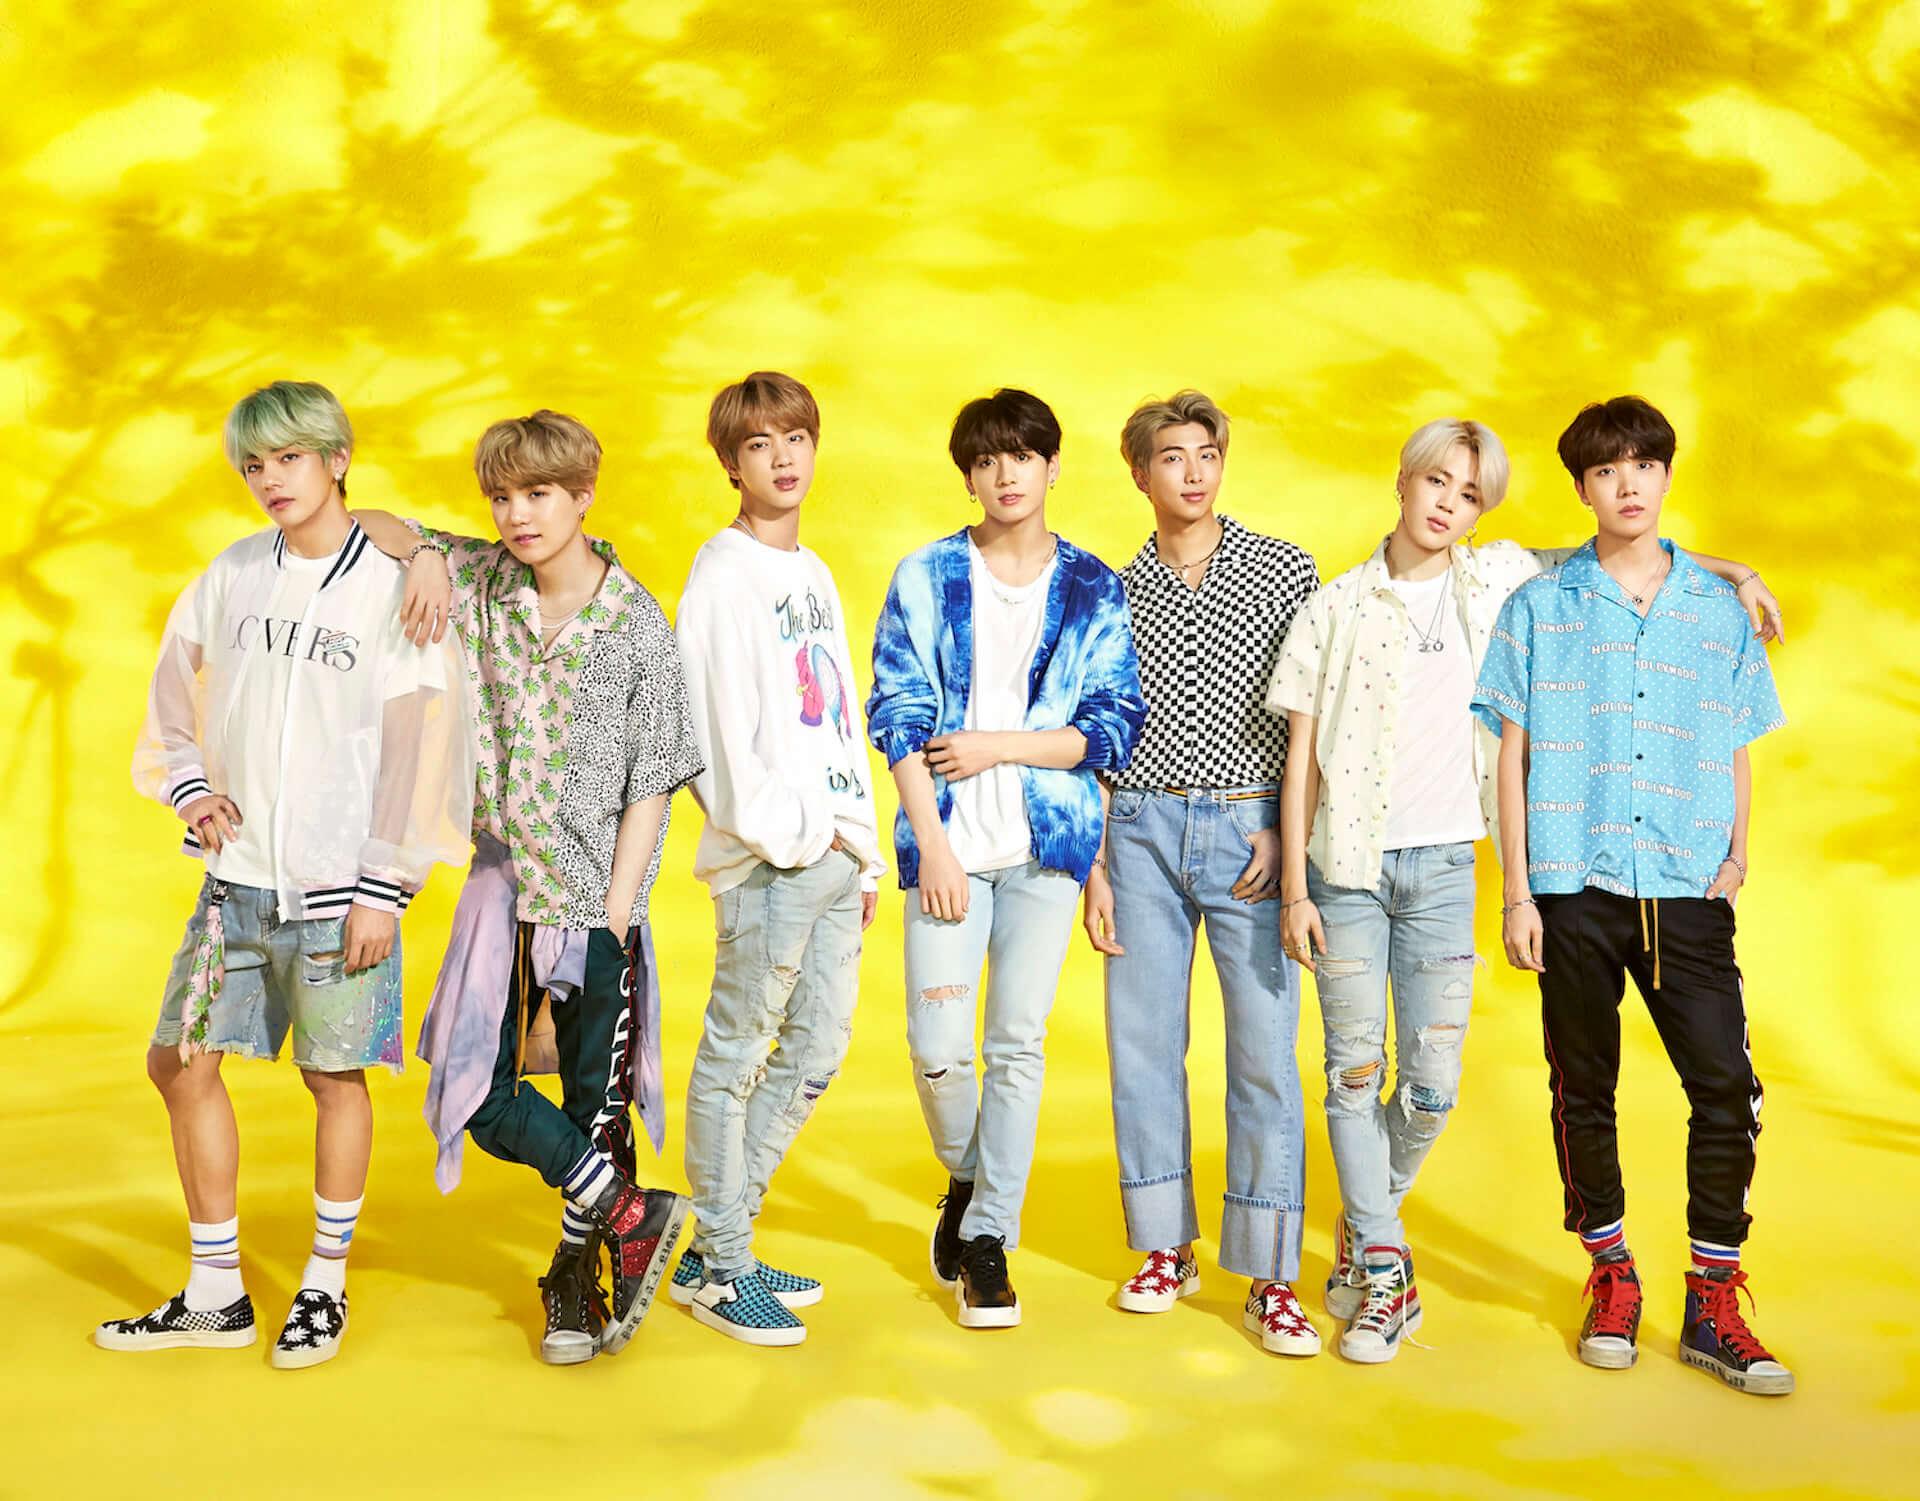 BTSの新曲「Lights」MVティザー映像公開 全編は7月3日に解禁予定 music190620bts-lights-mv_main-1920x1501